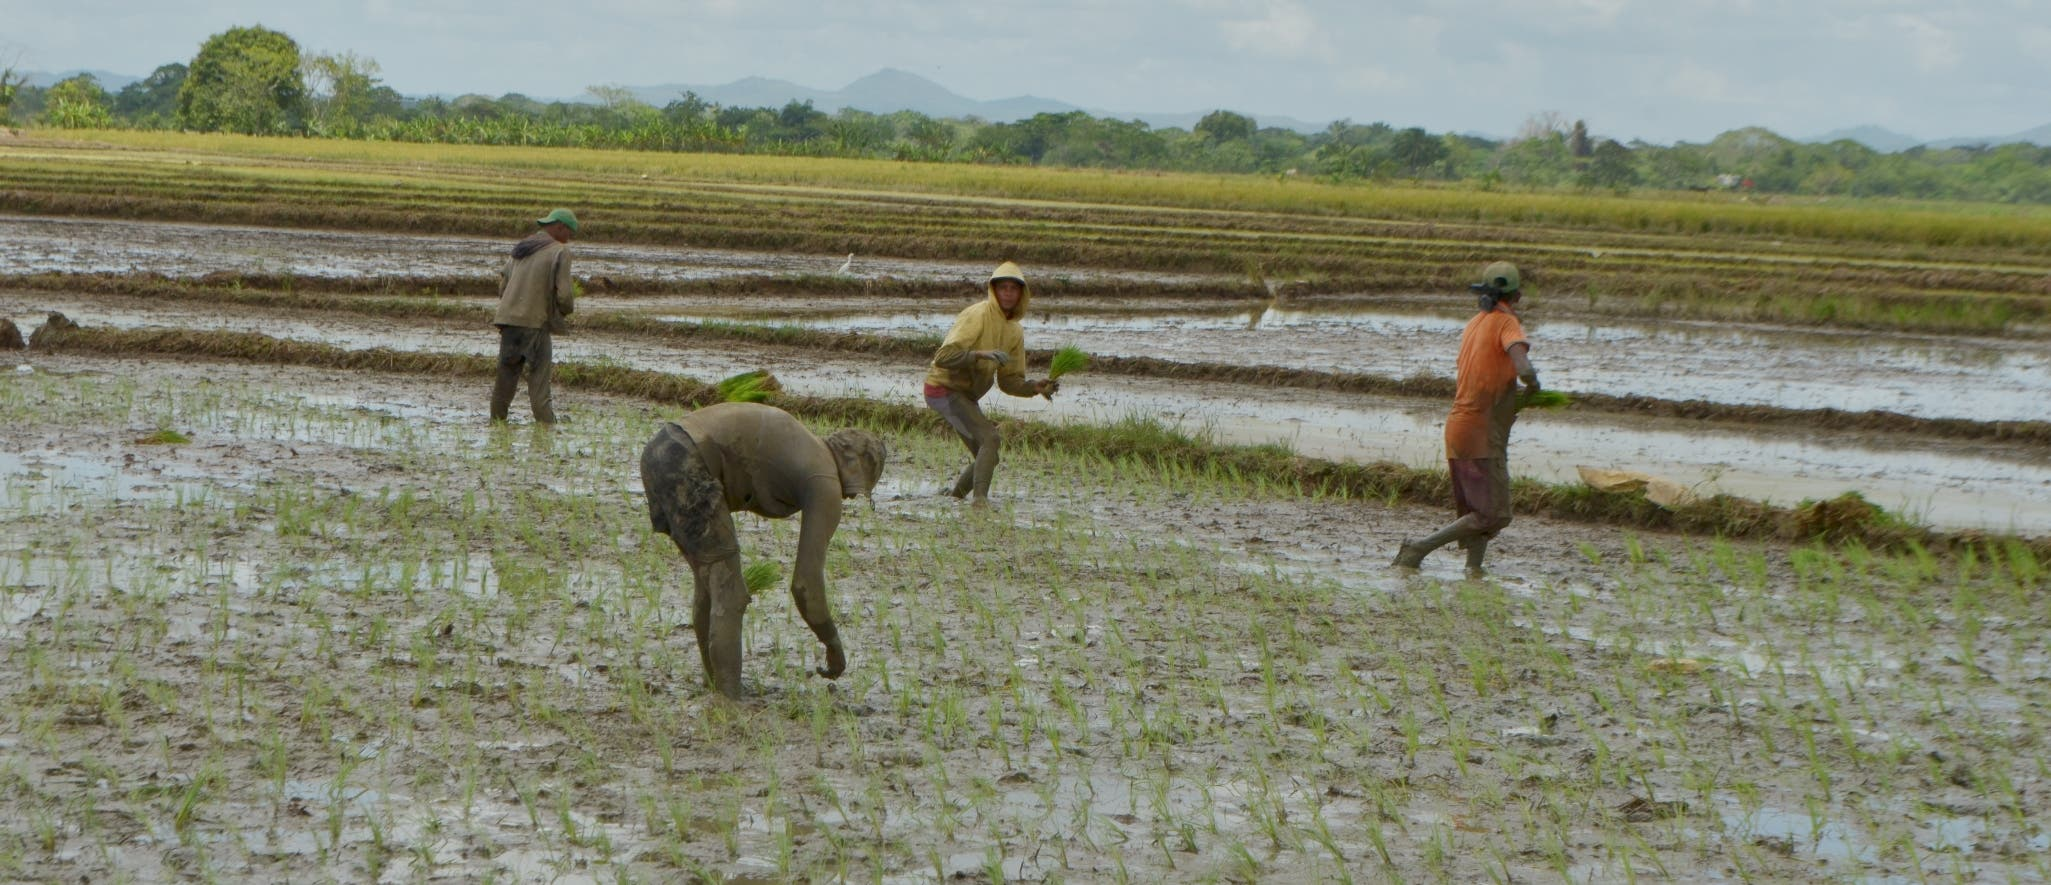 Los parceleros les venden el arroz que cosechan a productores de Bonao por la falta de una factoría en la Hacienda Estrella, de La Victoria.  ANA MÁRMOL